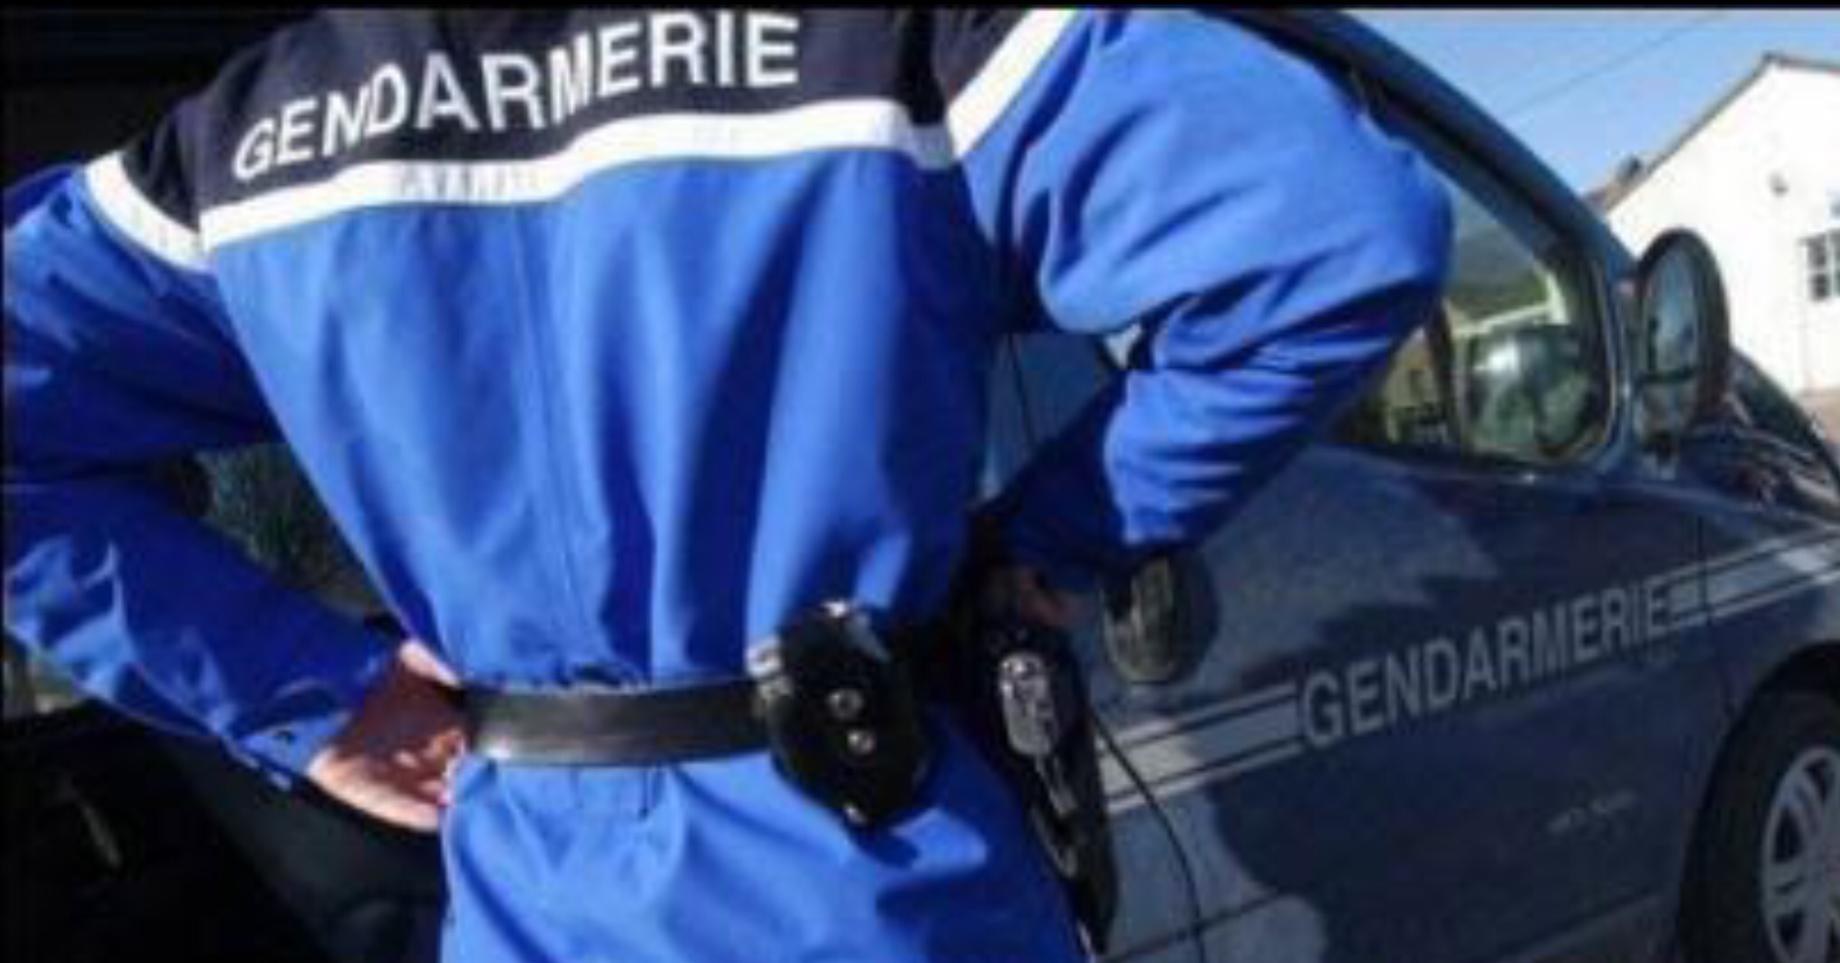 Disparition inquiétante près de Rouen : Cindy, 15 ans, retrouvée chez sa mère par les gendarmes